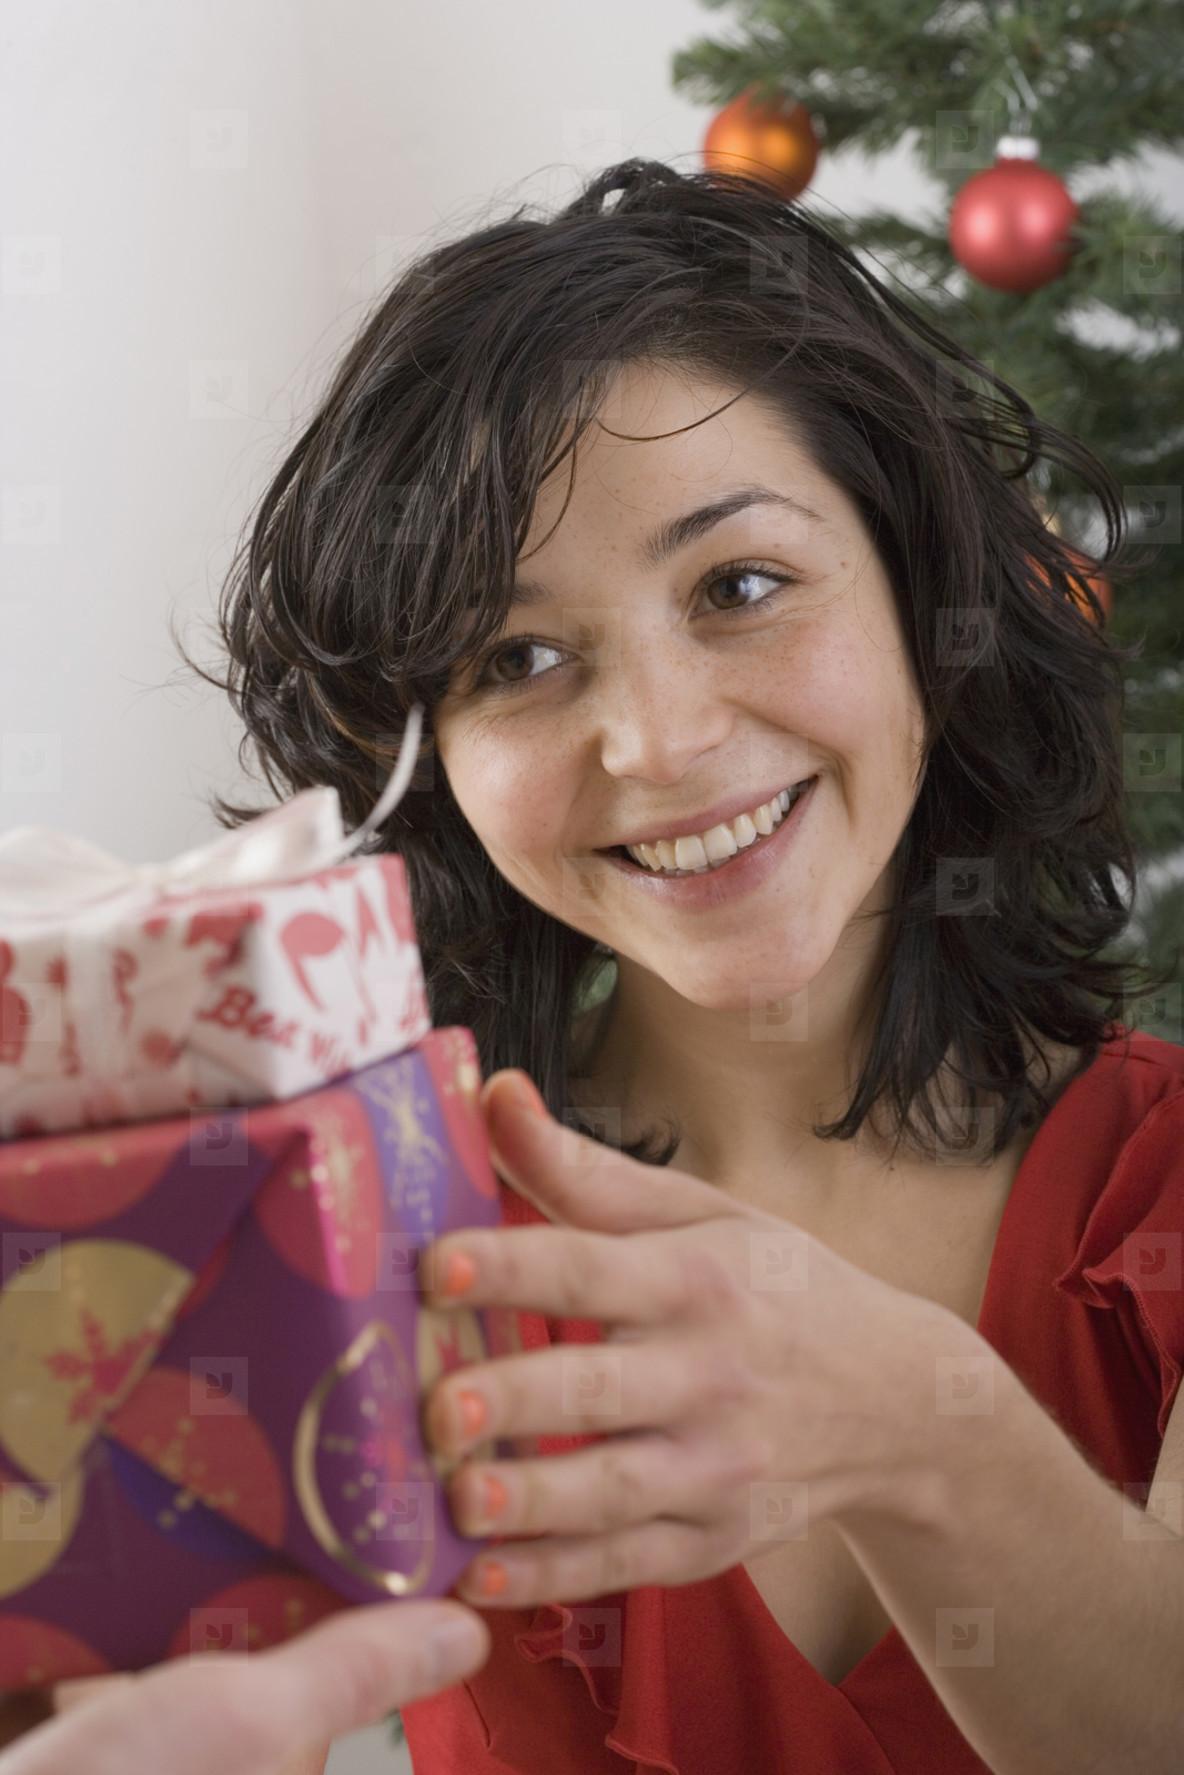 Couple Christmas  14